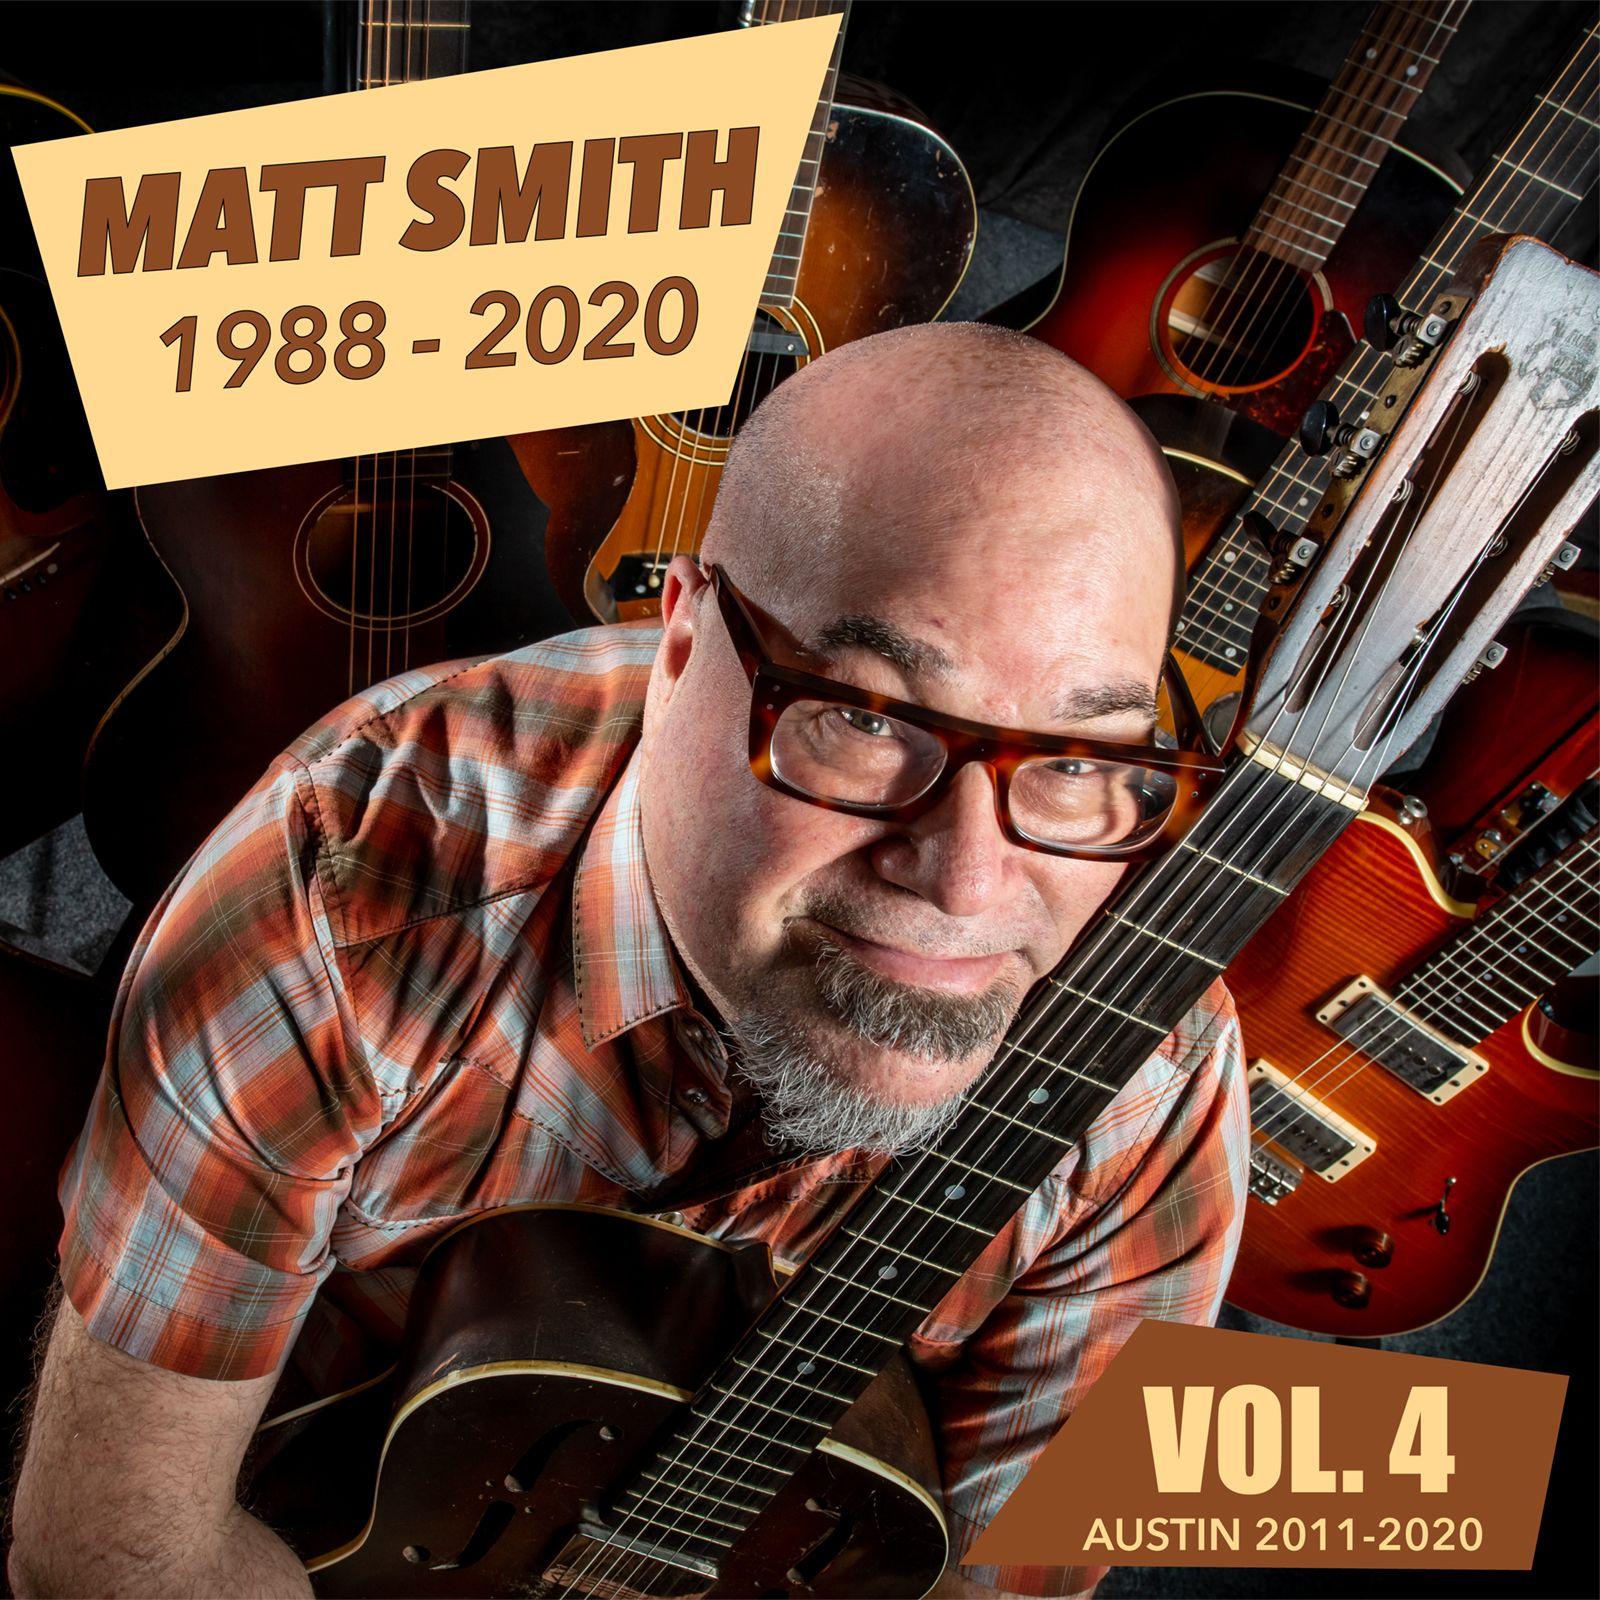 Matt Smith 1988-2020 Vol.4 -  Austin 2011-2020 Cover art